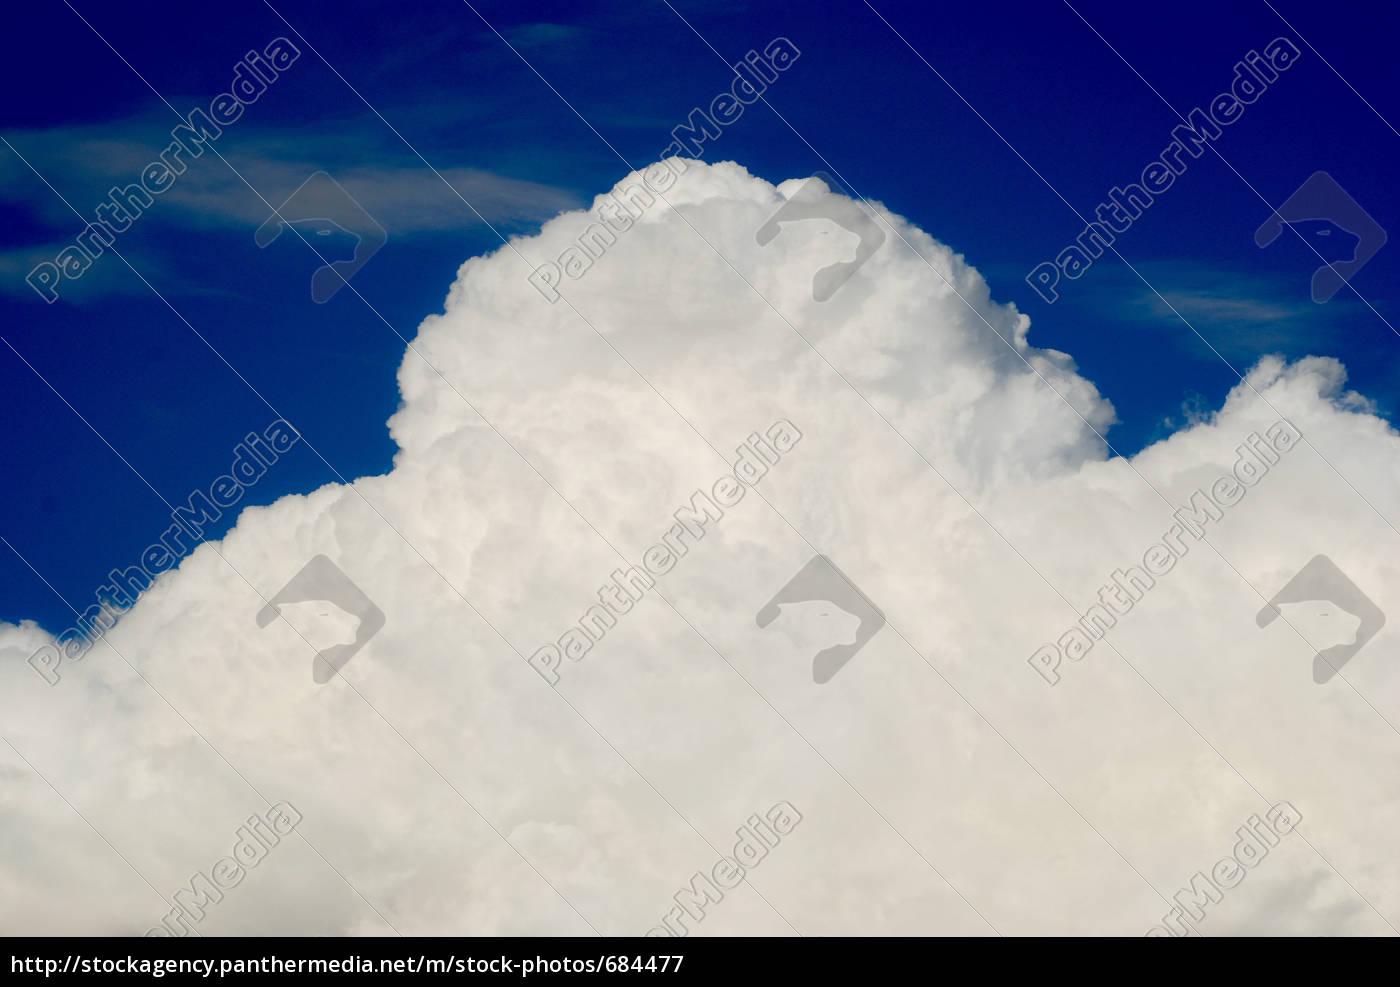 a, storm, arises - 684477